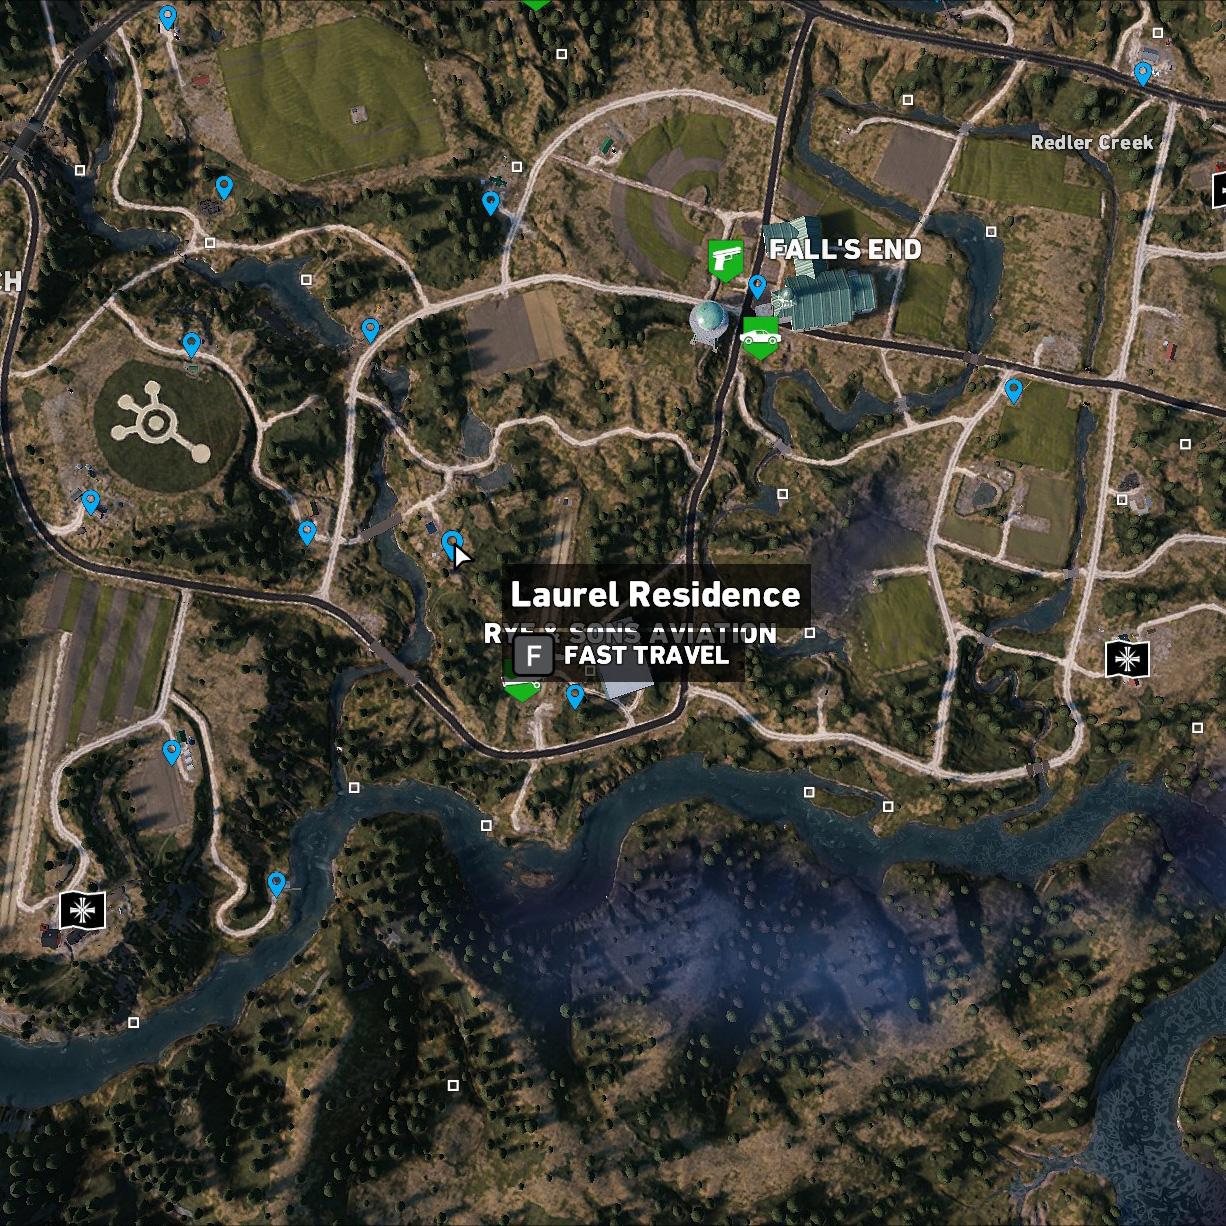 Laurel Residence